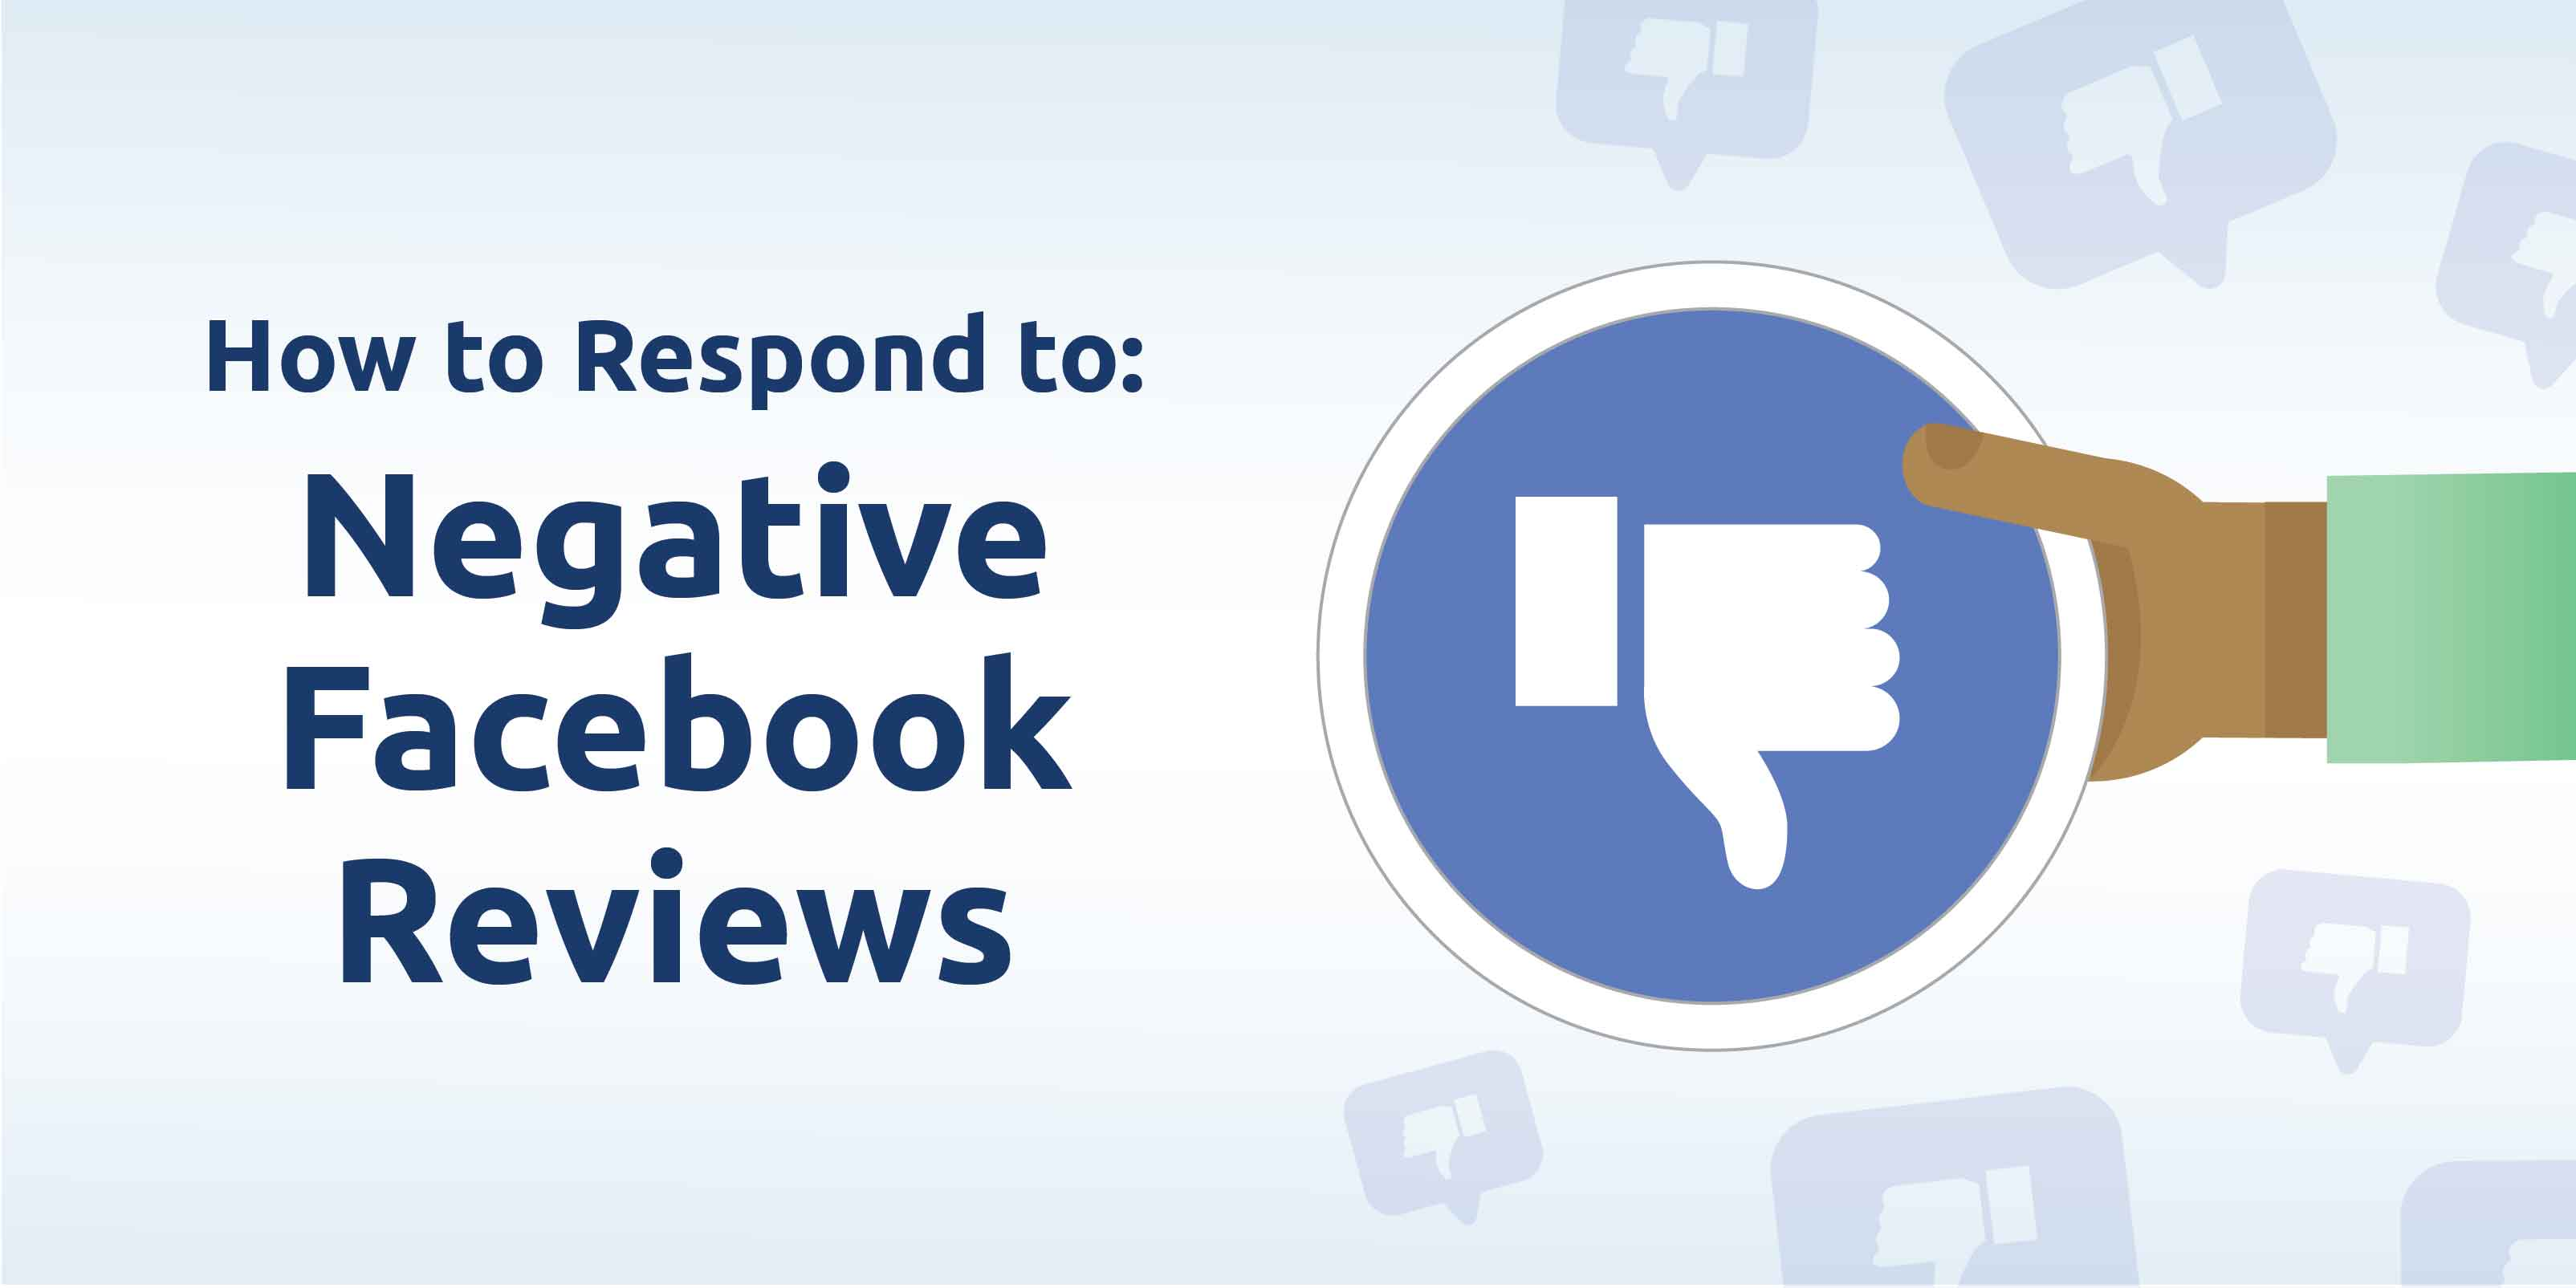 How to Respond to Negative Facebook Reviews